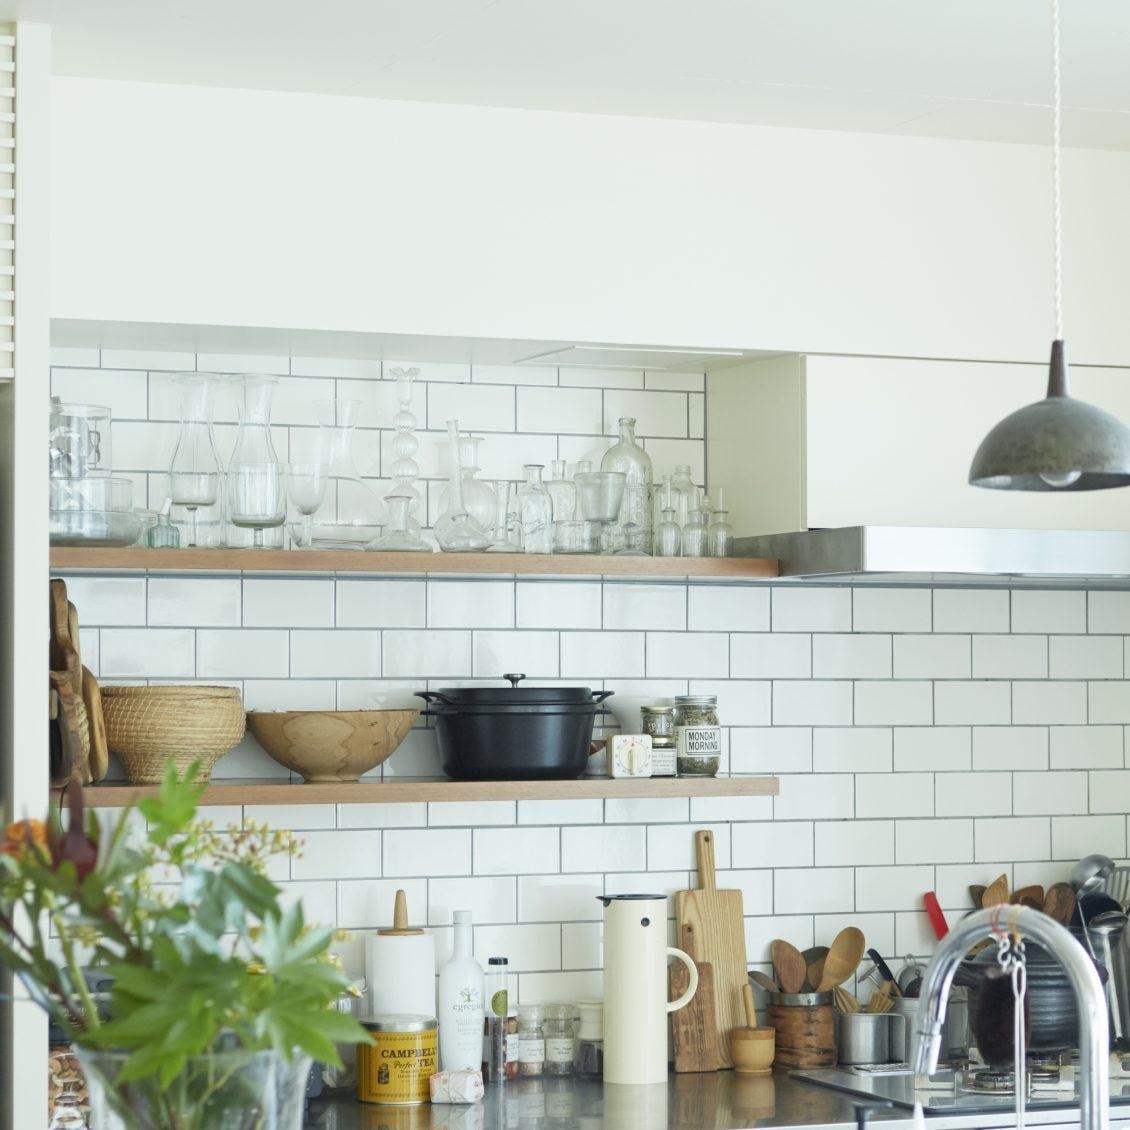 【飾り棚で、理想の我が家】素材と色に注目? 使い勝手とスッキリを叶える「キッチン・デスク周り」のアイデア